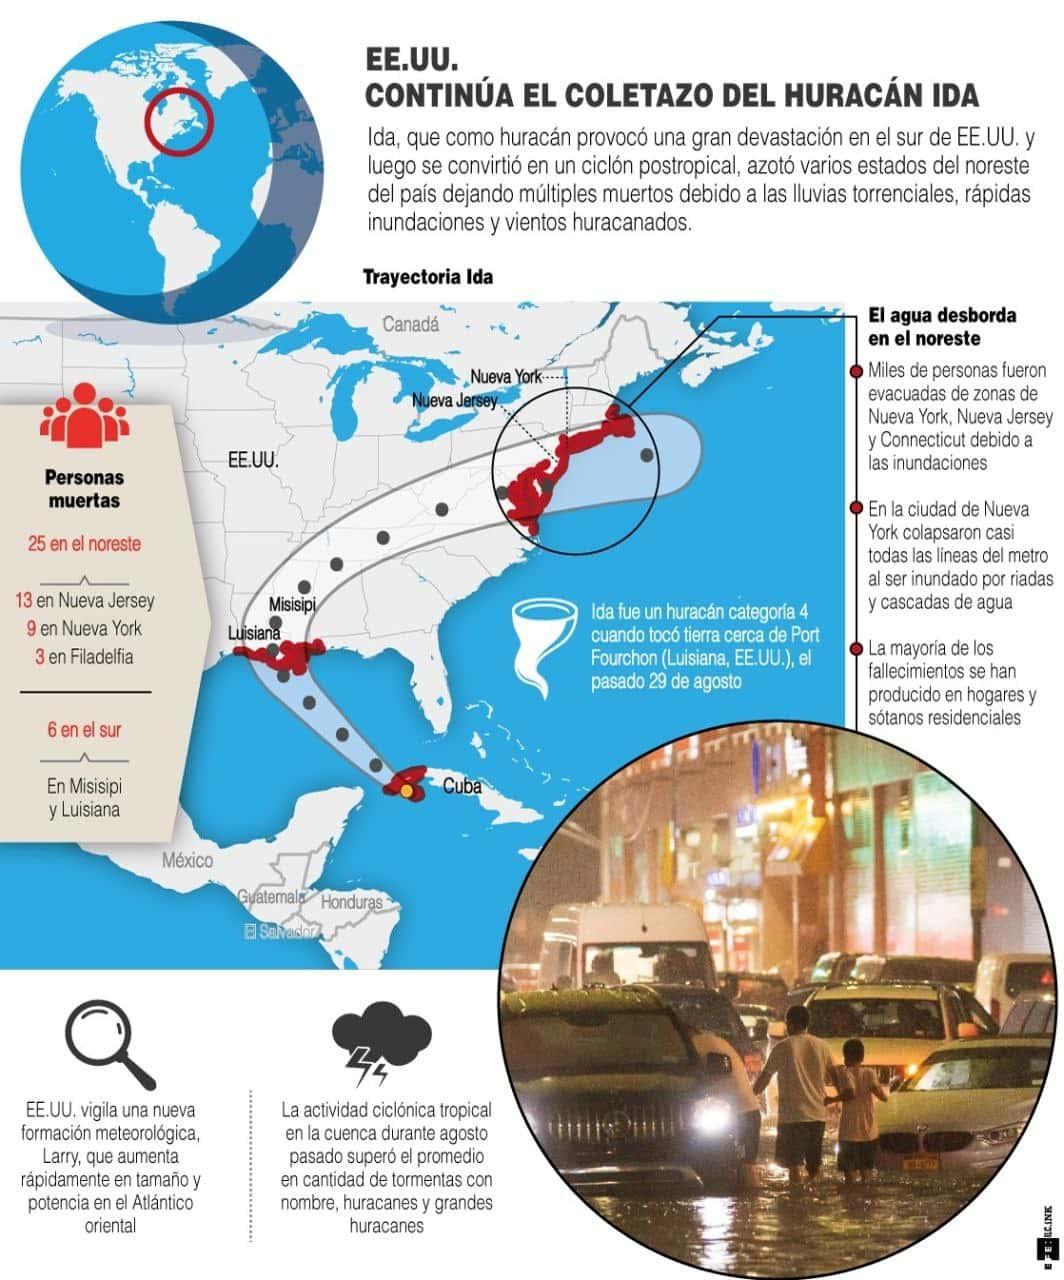 [Infografía] Ida deja al menos 25 muertos por inundaciones en el noreste de Estados Unidos 1